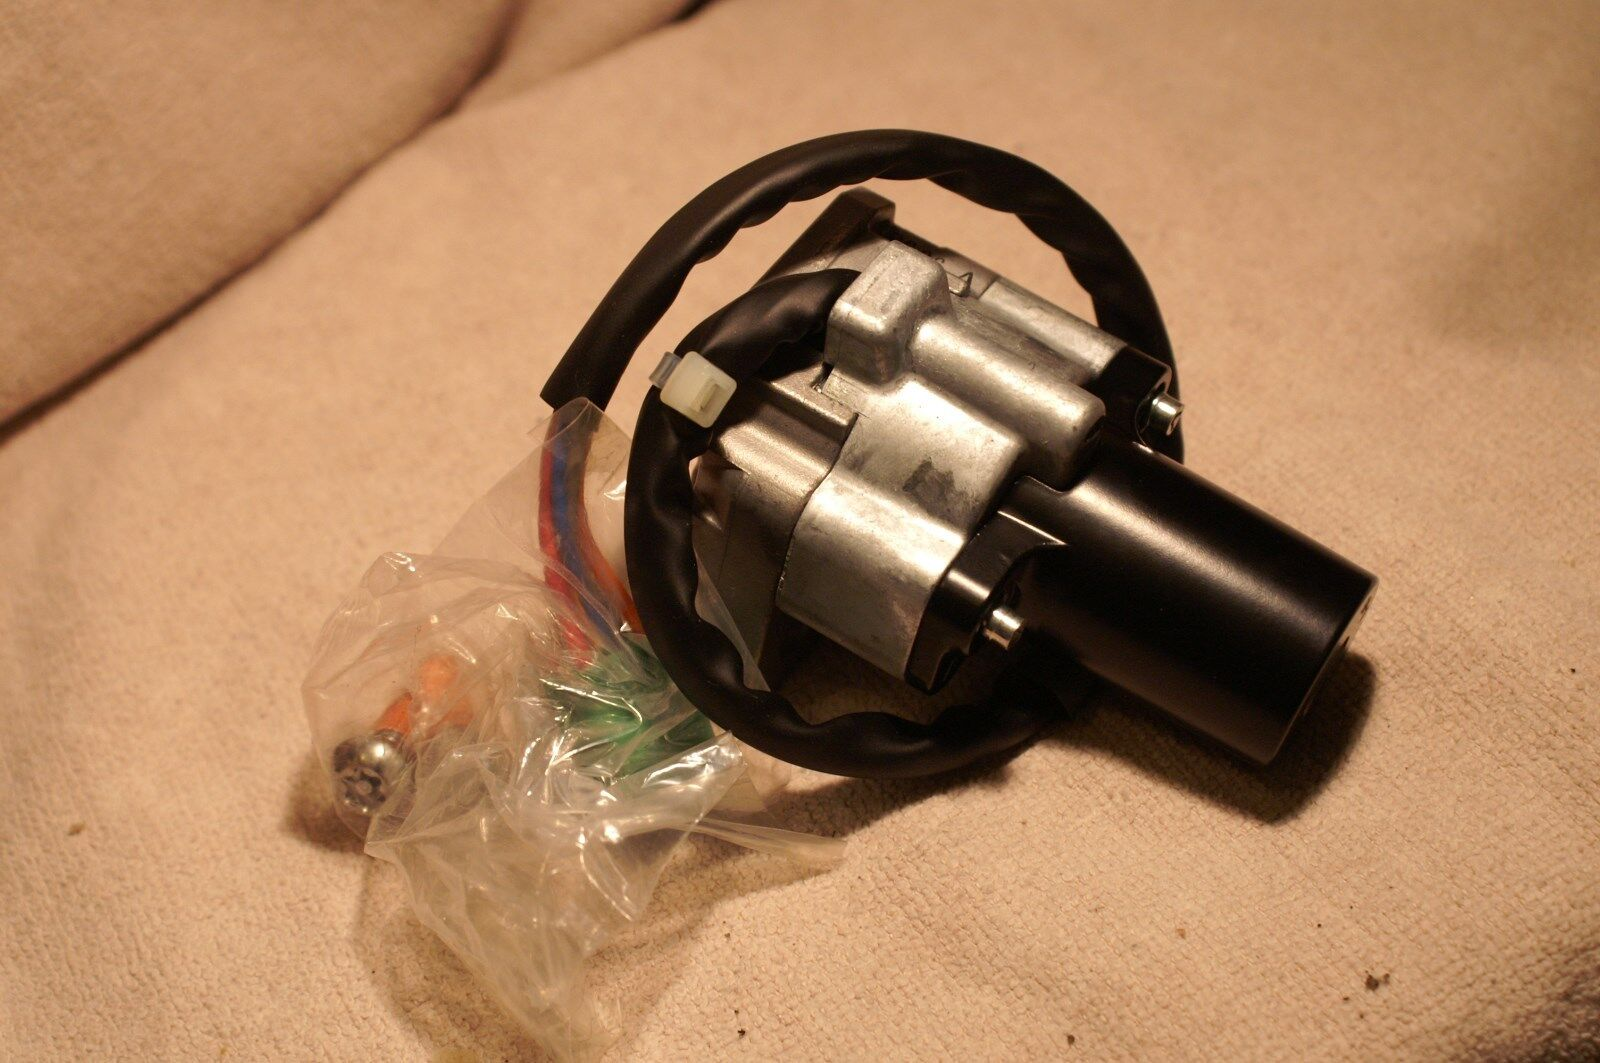 Suzuki Genuine Parts Ignition Switch Assy 99103 11237 NOS